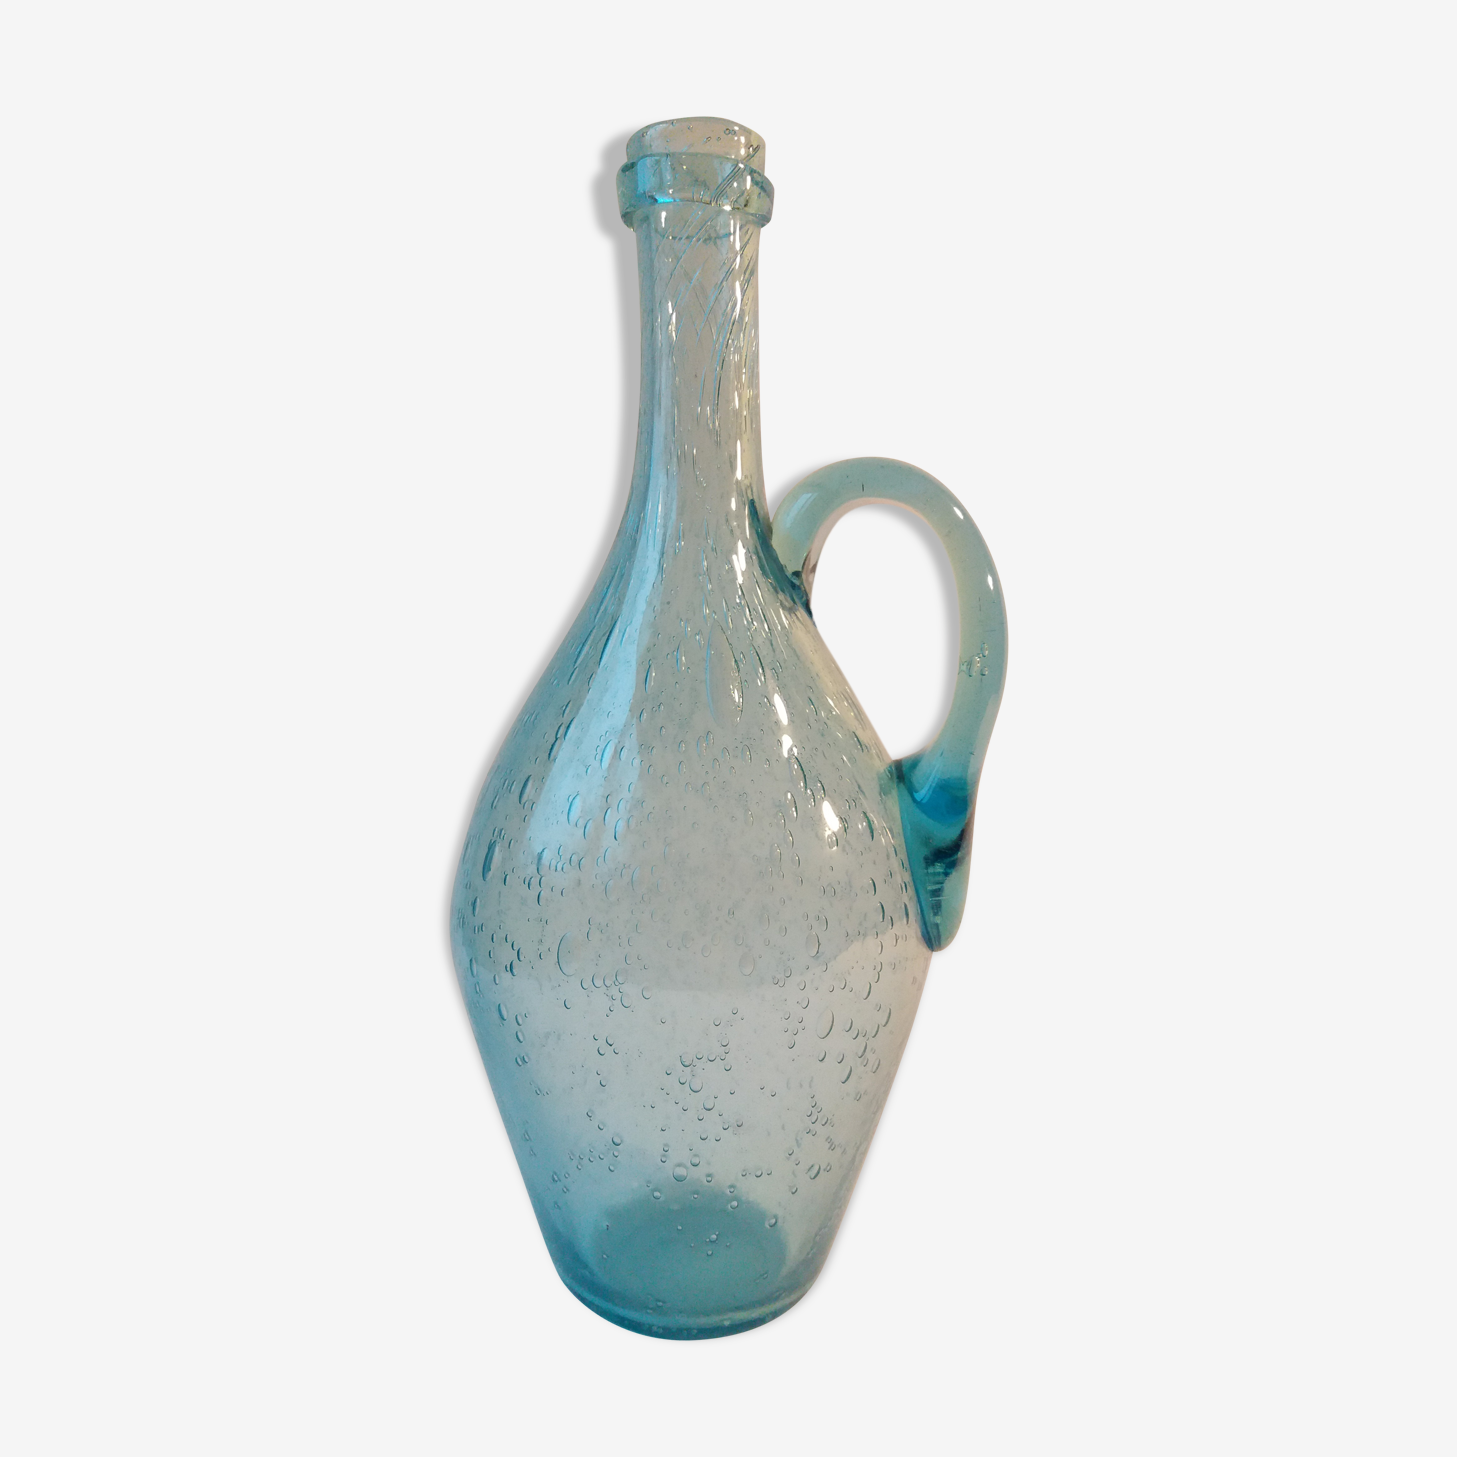 Carafe verre de Biot bleu azur